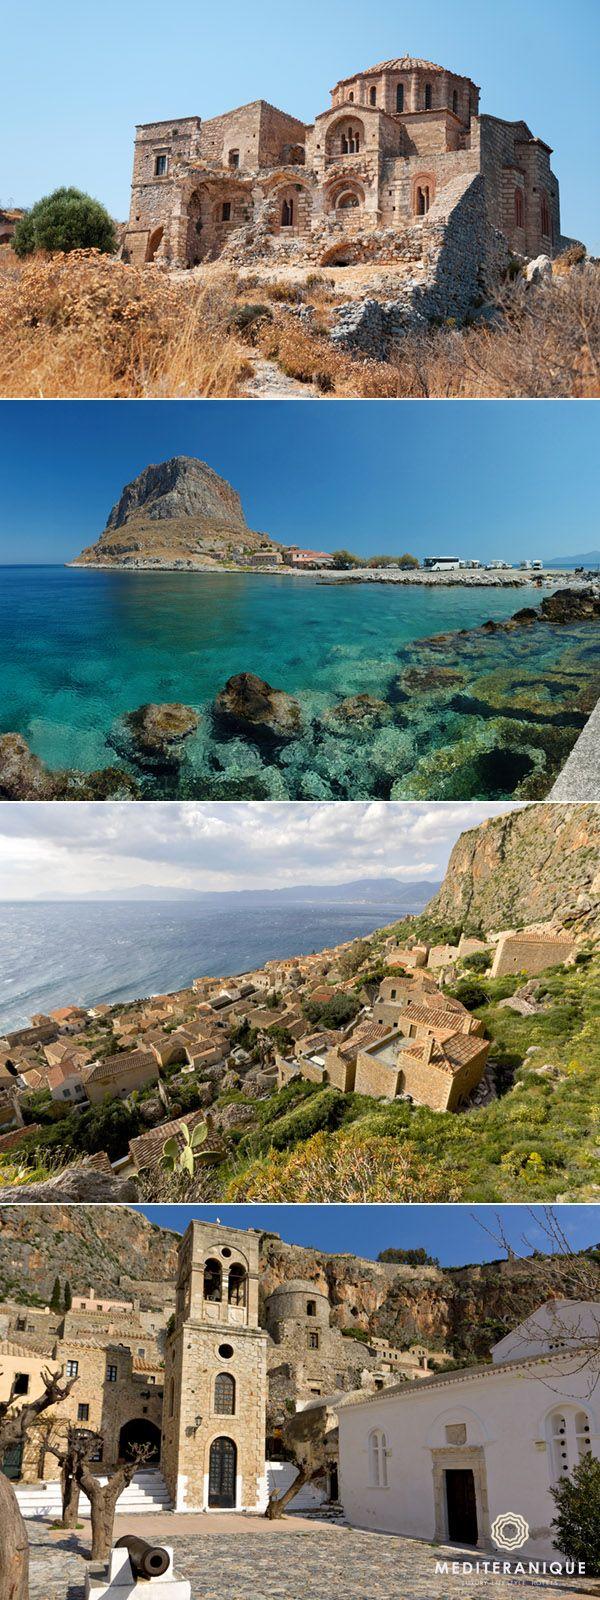 Mykonos tours amp travel bill amp coo hotel in mykonos greece - Monemvasia Greece For Luxury Hotels In Monemvasia Visit Http Www